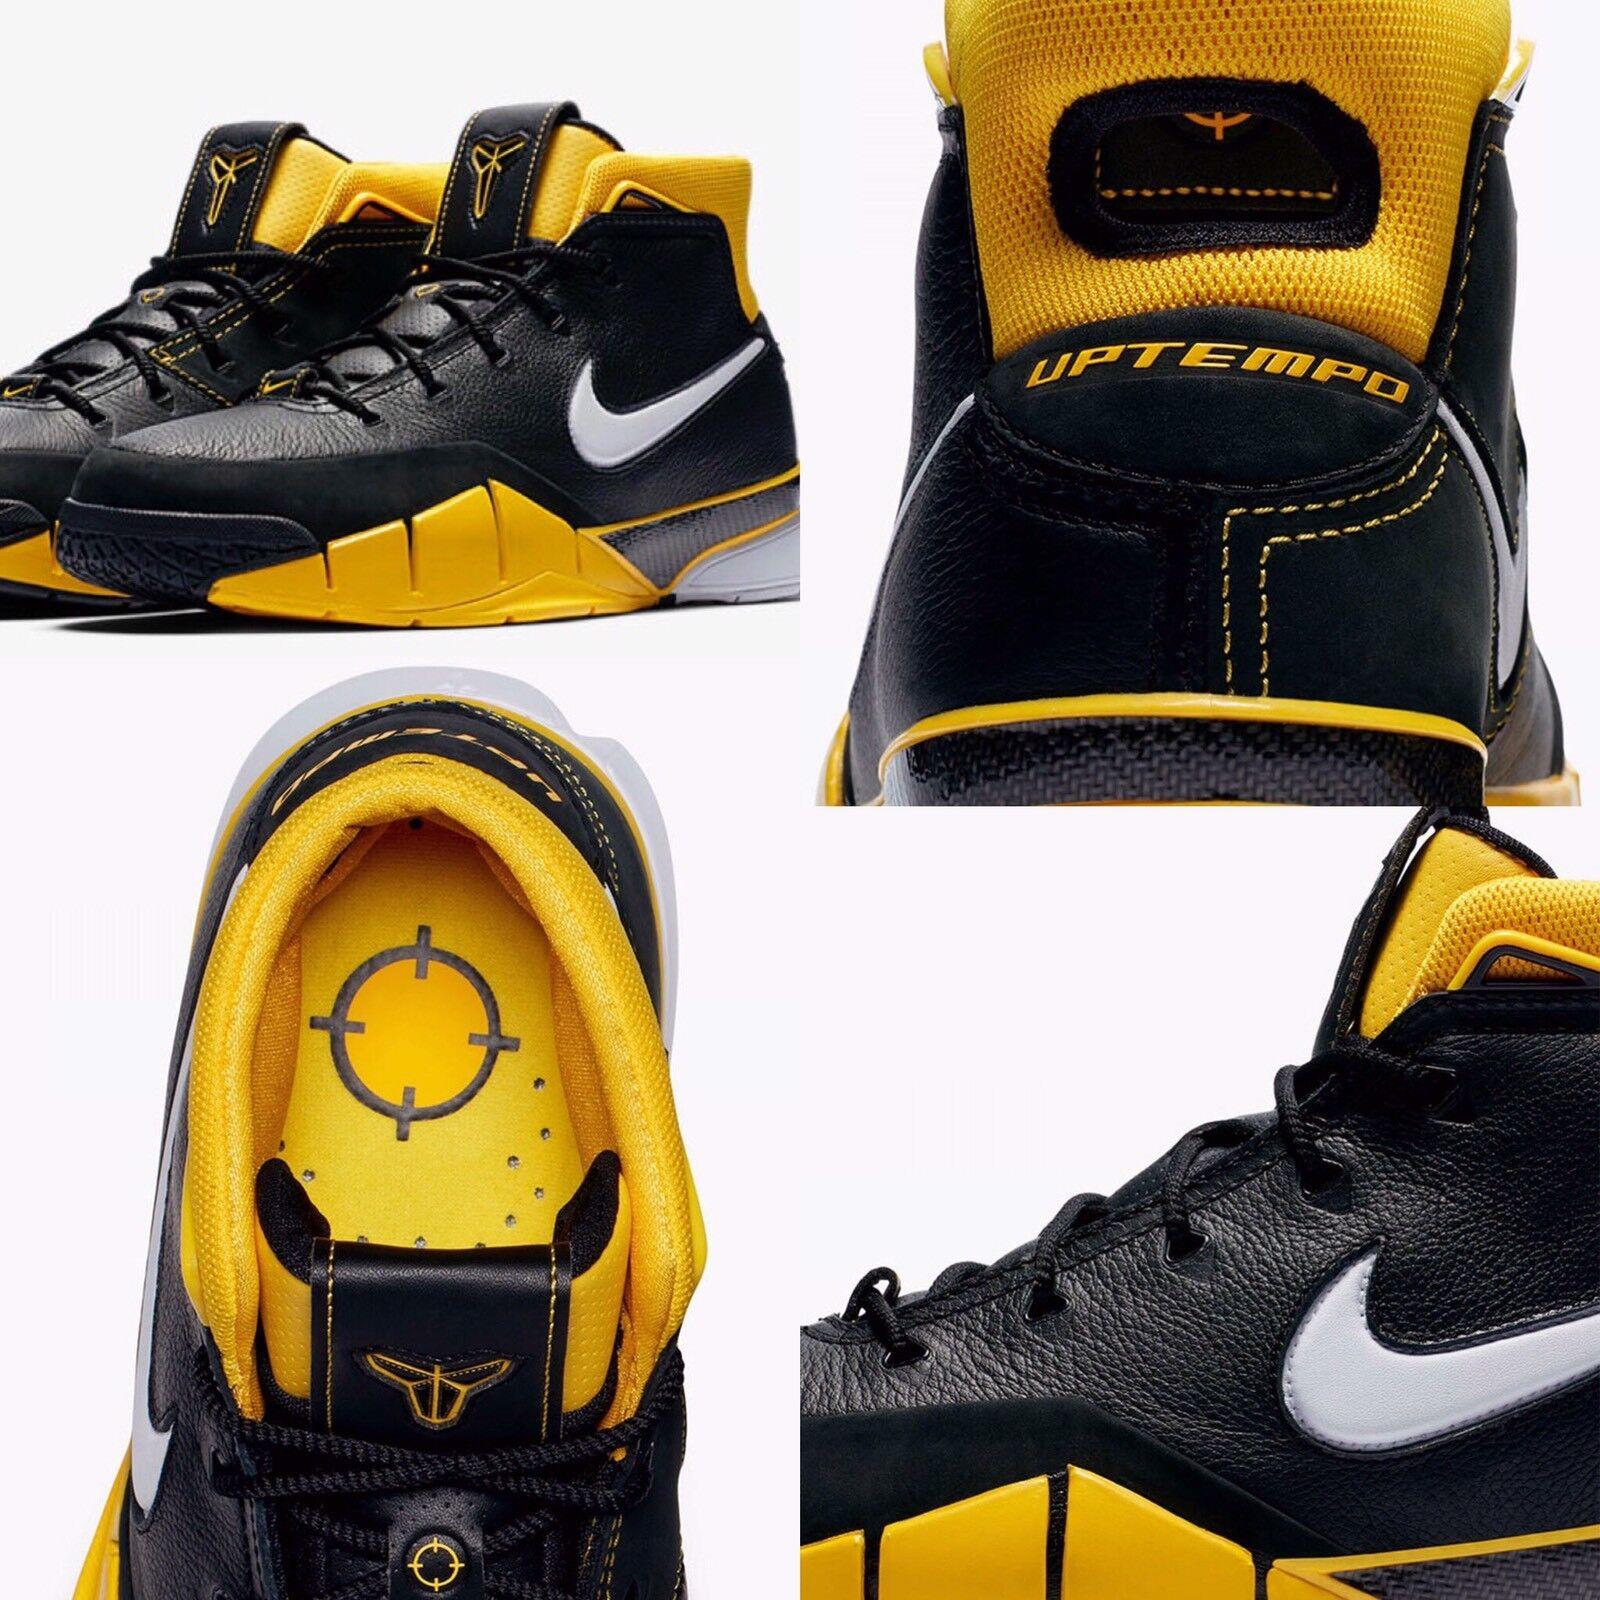 Nike Kobe 1 protro del sol aq2728-003 blanco / negro zapatos / Varsity maíz cómodos zapatos negro nuevos para hombres y mujeres, el limitado tiempo de descuento 6ed486